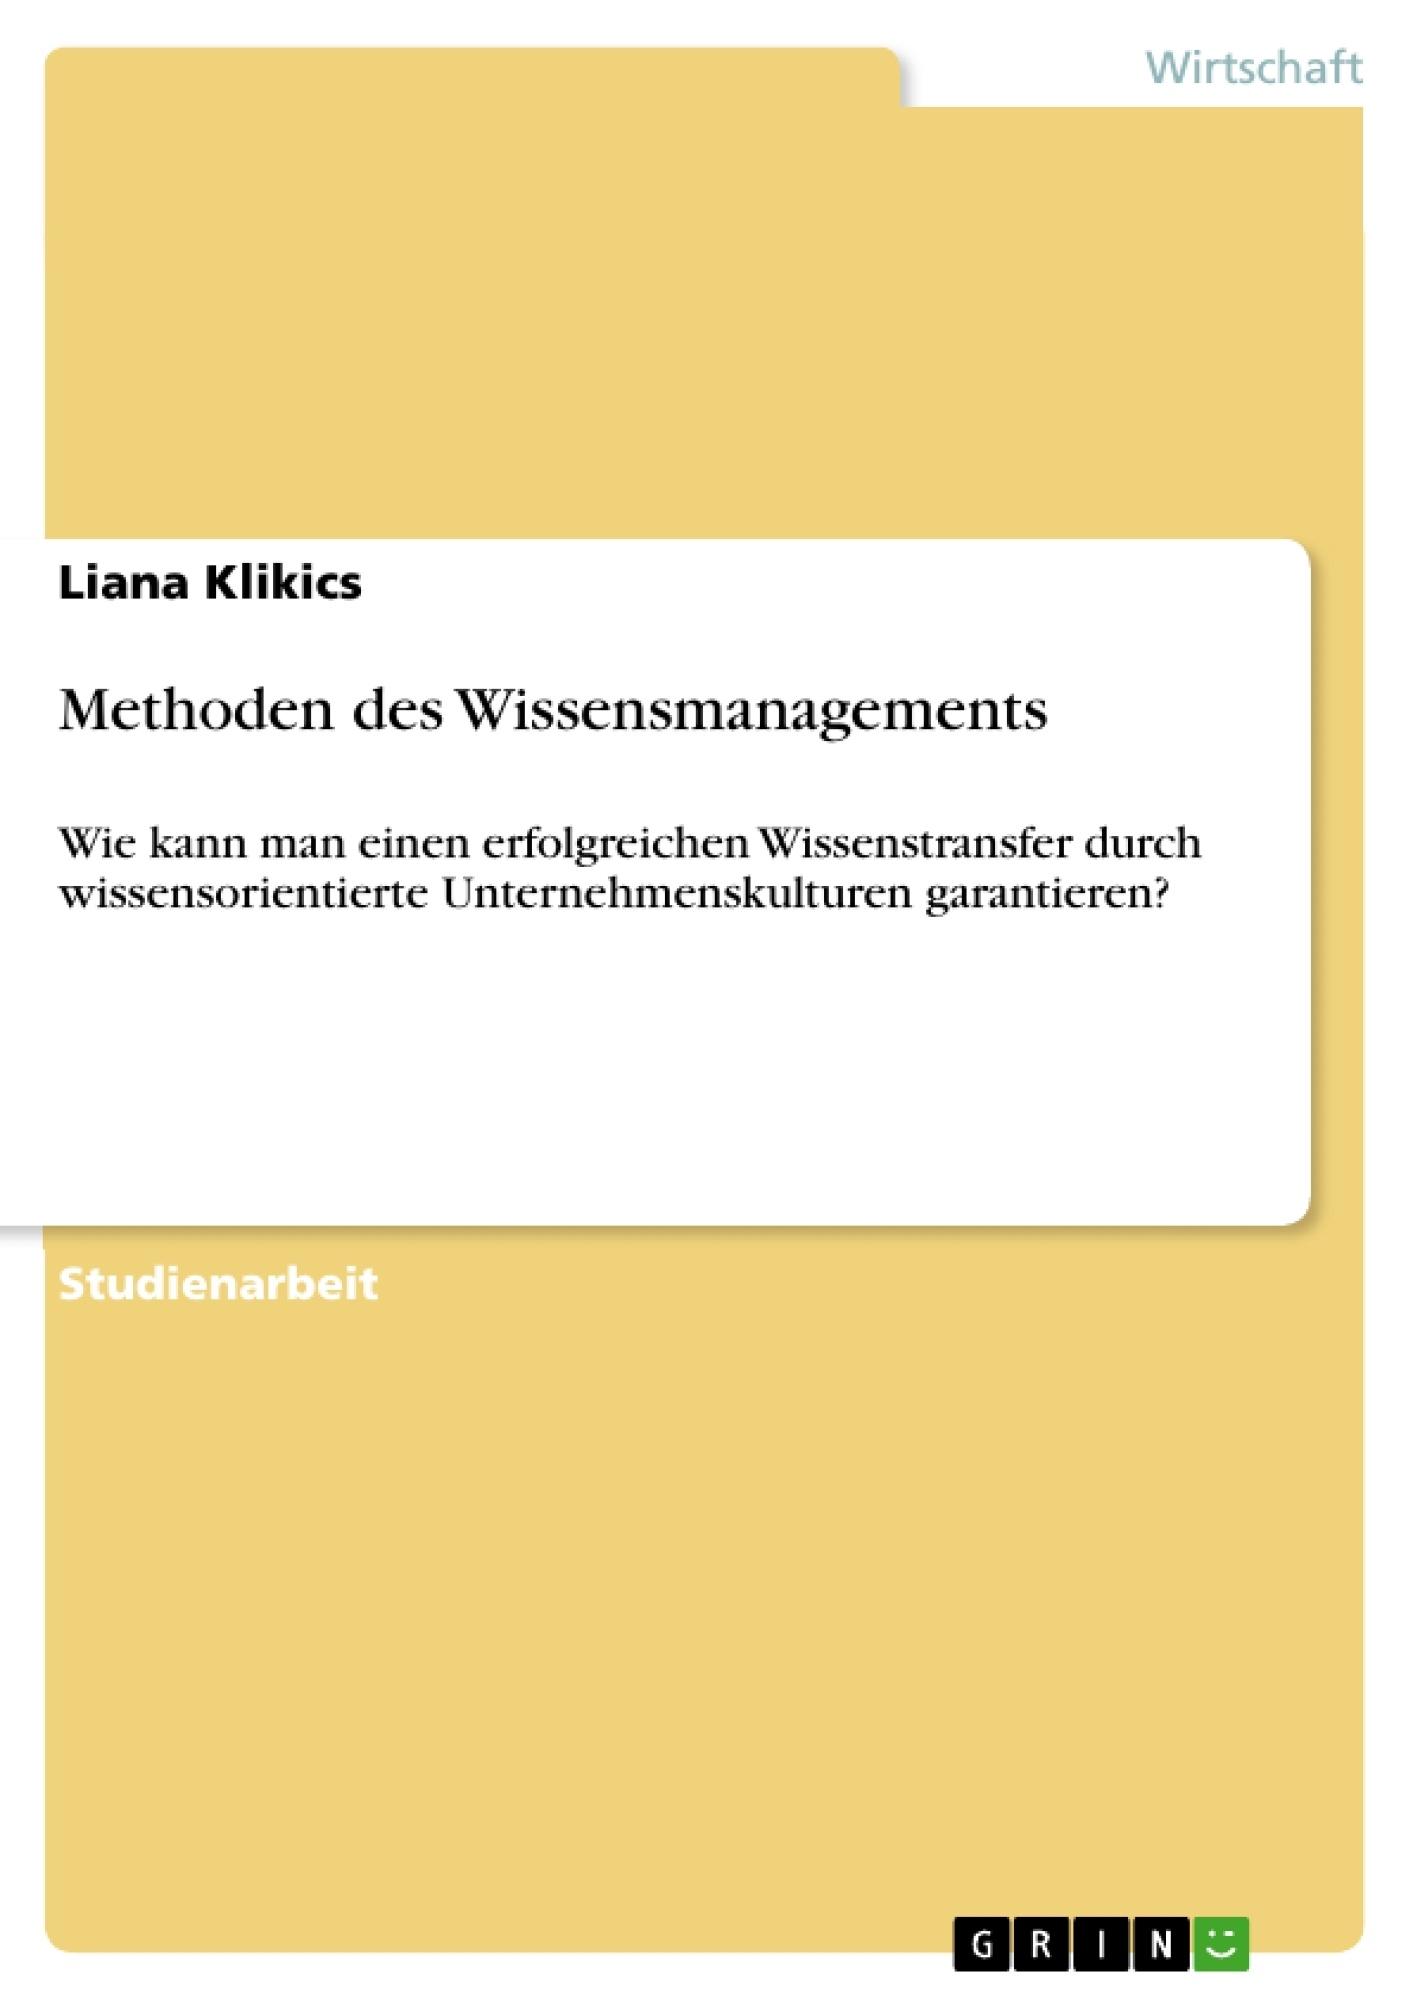 Titel: Methoden des Wissensmanagements